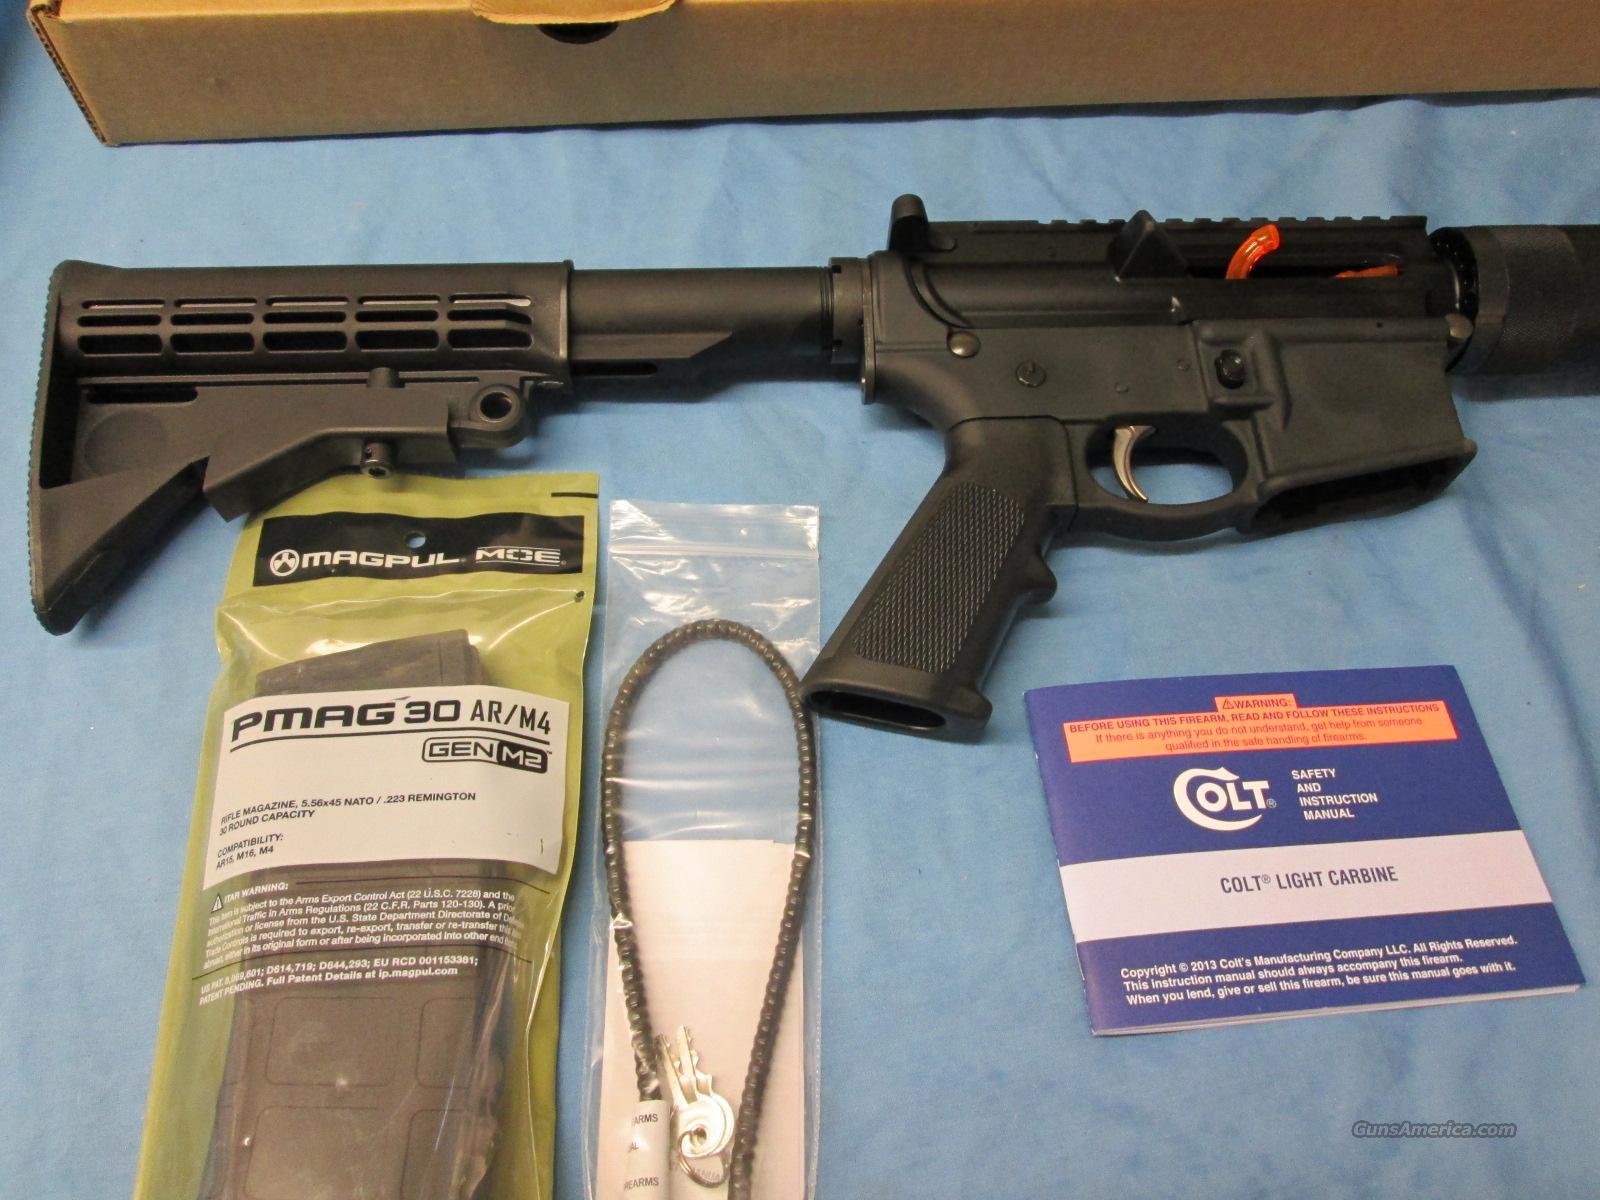 Colt Le 6900 Ar 15 For Sale